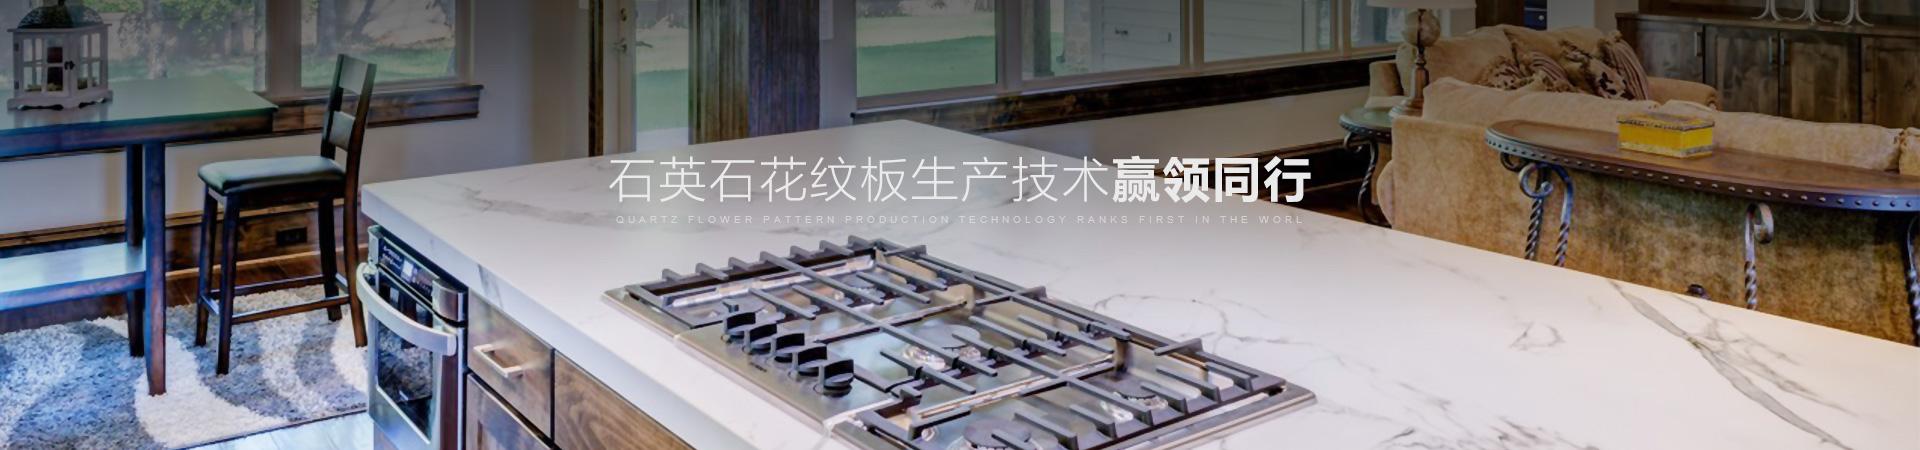 石英石花纹板生产技术赢领同行